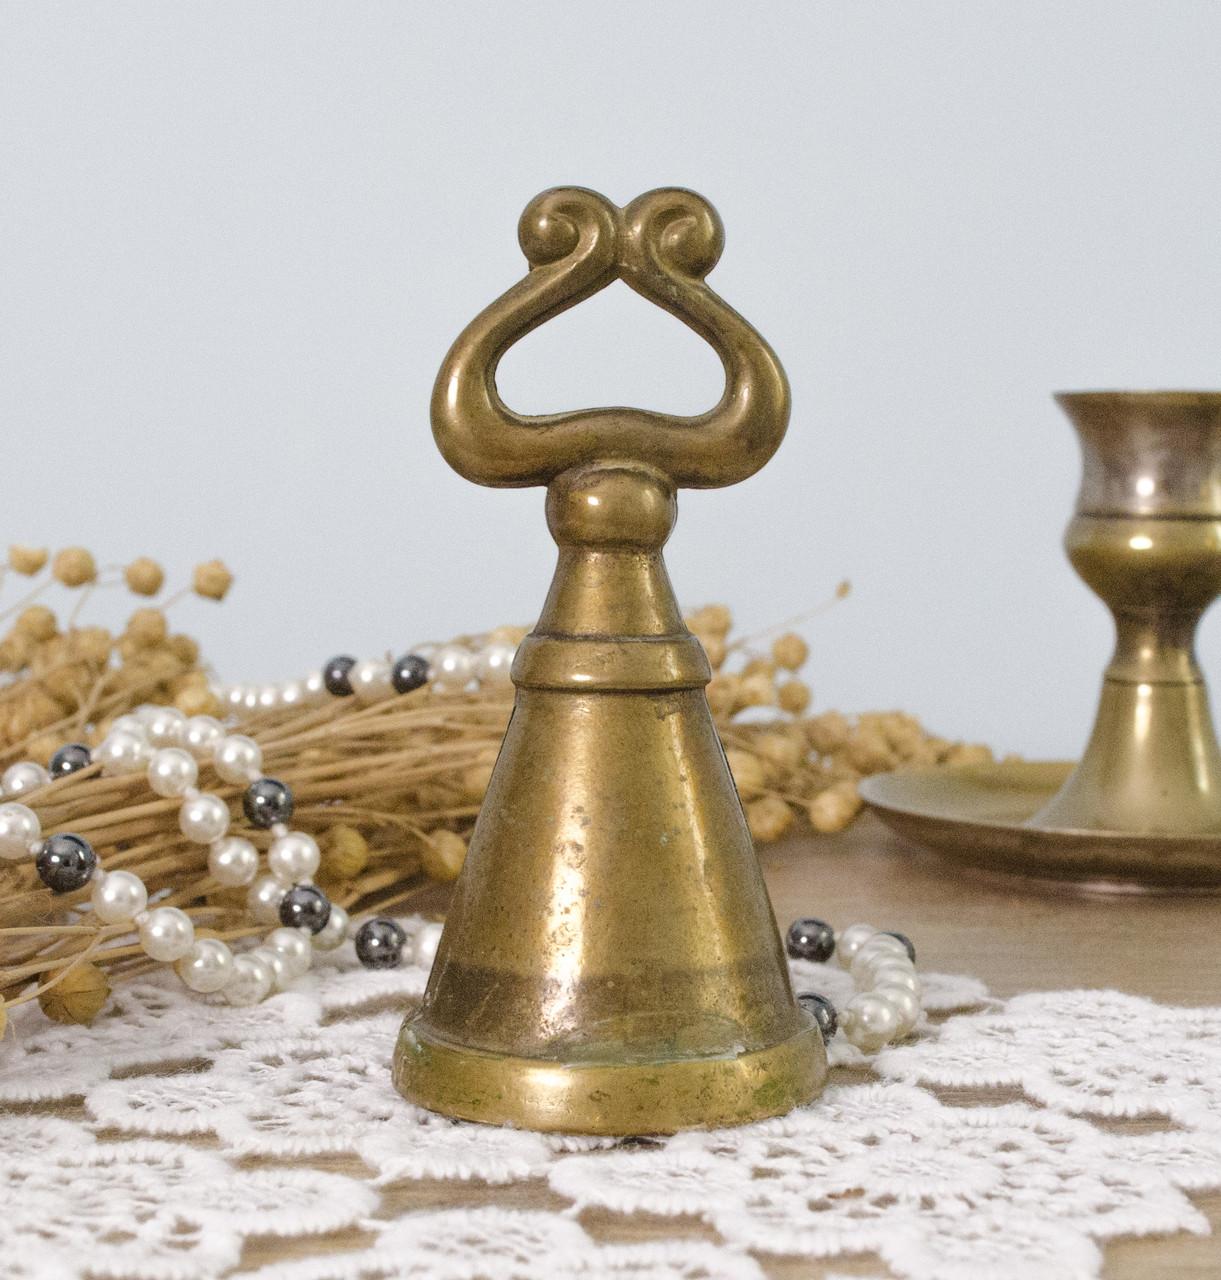 Старый колпачок, бронзовый гасник для тушения свечи, бронза, Европа